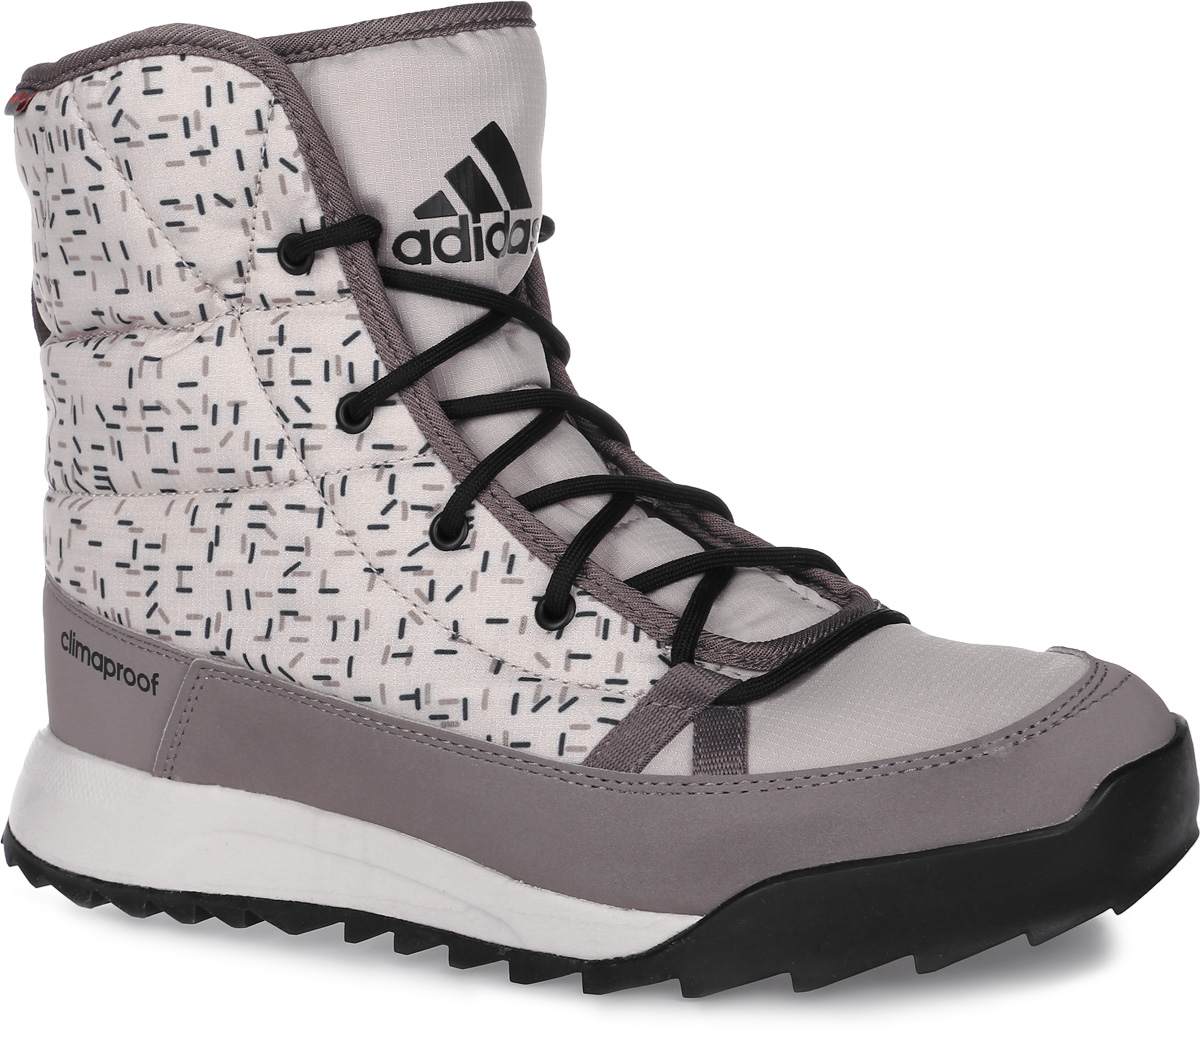 Ботинки женские adidas CW Choleah Padded C, цвет: серый. AQ2025. Размер 4,5 (36)AQ2025Женские туристические ботинки CW Choleah Padded C от adidas, выполненные из водонепроницаемого материала Climaproof с утеплителем PrimaLoft сохранят ваши ноги в тепле и сухости на заснеженных тропах и холодных улицах. Высокотехнологичный синтетический наполнитель PrimaLoft продолжает греть даже во влажном состоянии. Текстильный верх с геометрическим принтом и дизайн адаптирован под особенности женской стопы. Модель дополнена вставками из синтетических материалов для износостойкости.Резиновая подошва Traxion с глубоким протектором для оптимального сцепления сохраняет свои свойства в течение долгого времени.